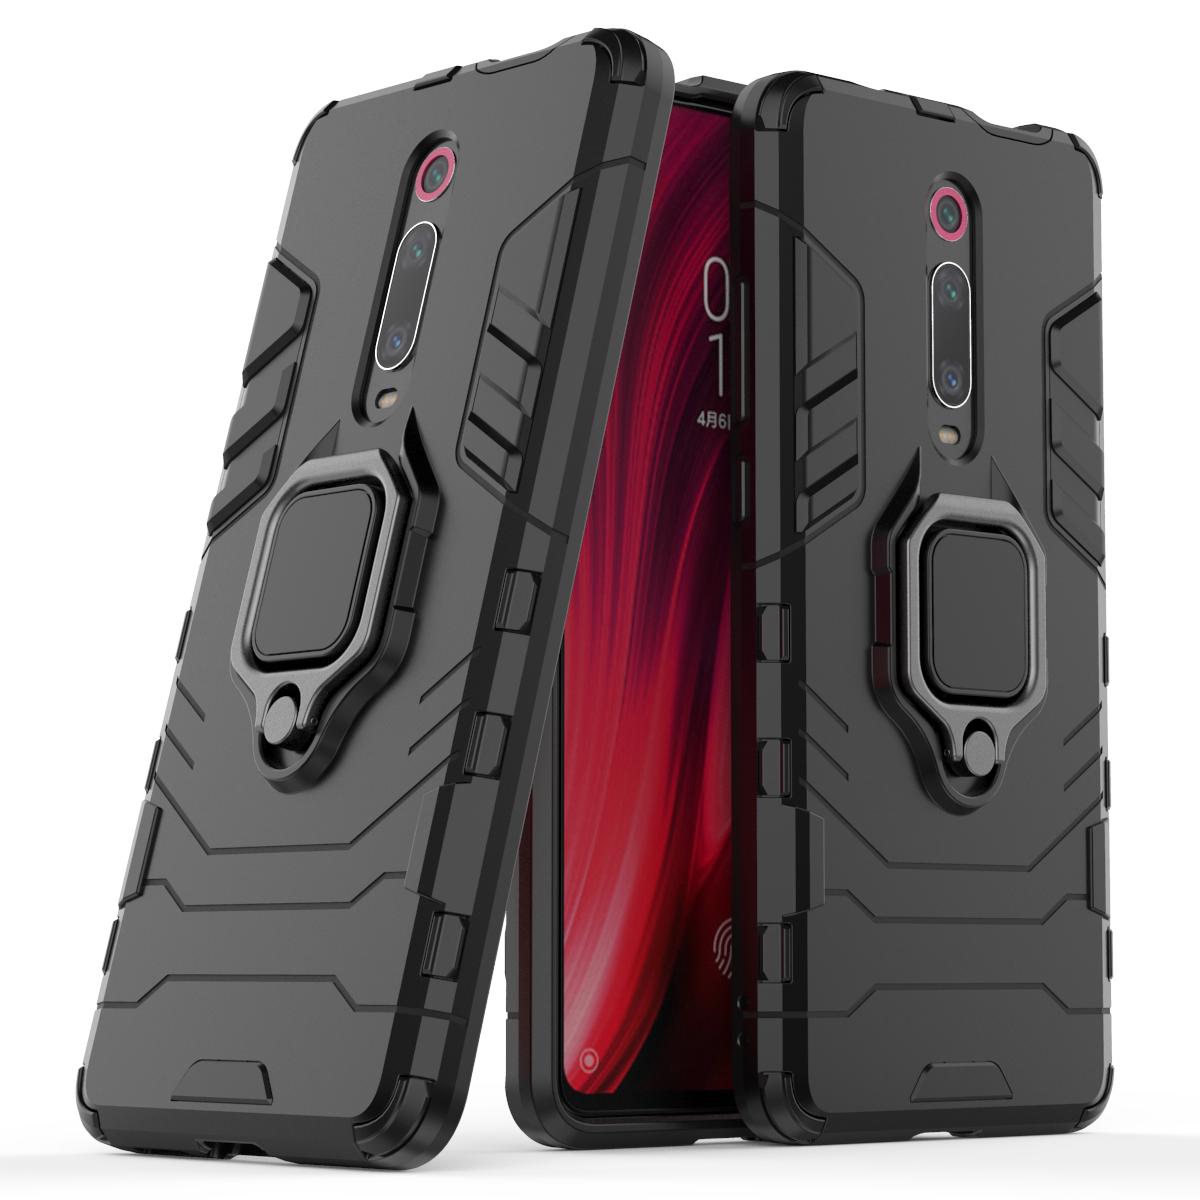 Bakeey Armor Etui de protection antichoc titulaire de la carte magnétique pour Xiaomi Mi 9T / Mi9T PRO/Redmi K20/Redmi K20 pro